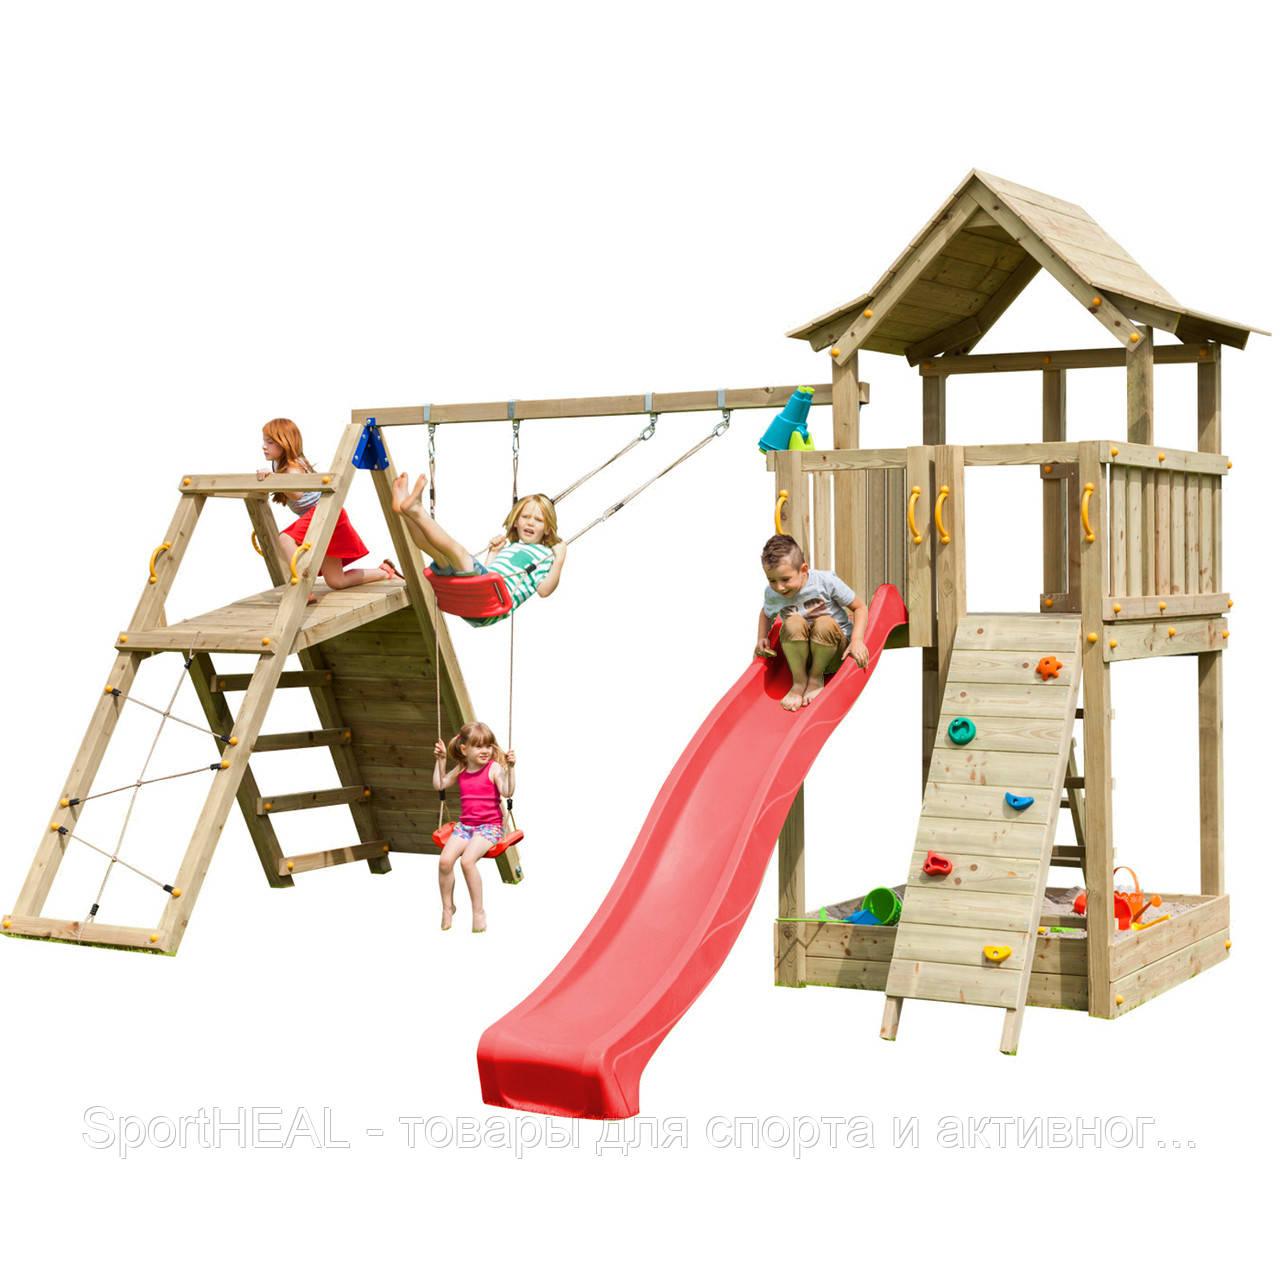 Детская игровая площадка Blue Rabbit PAGODA + CHALLENGER Червона